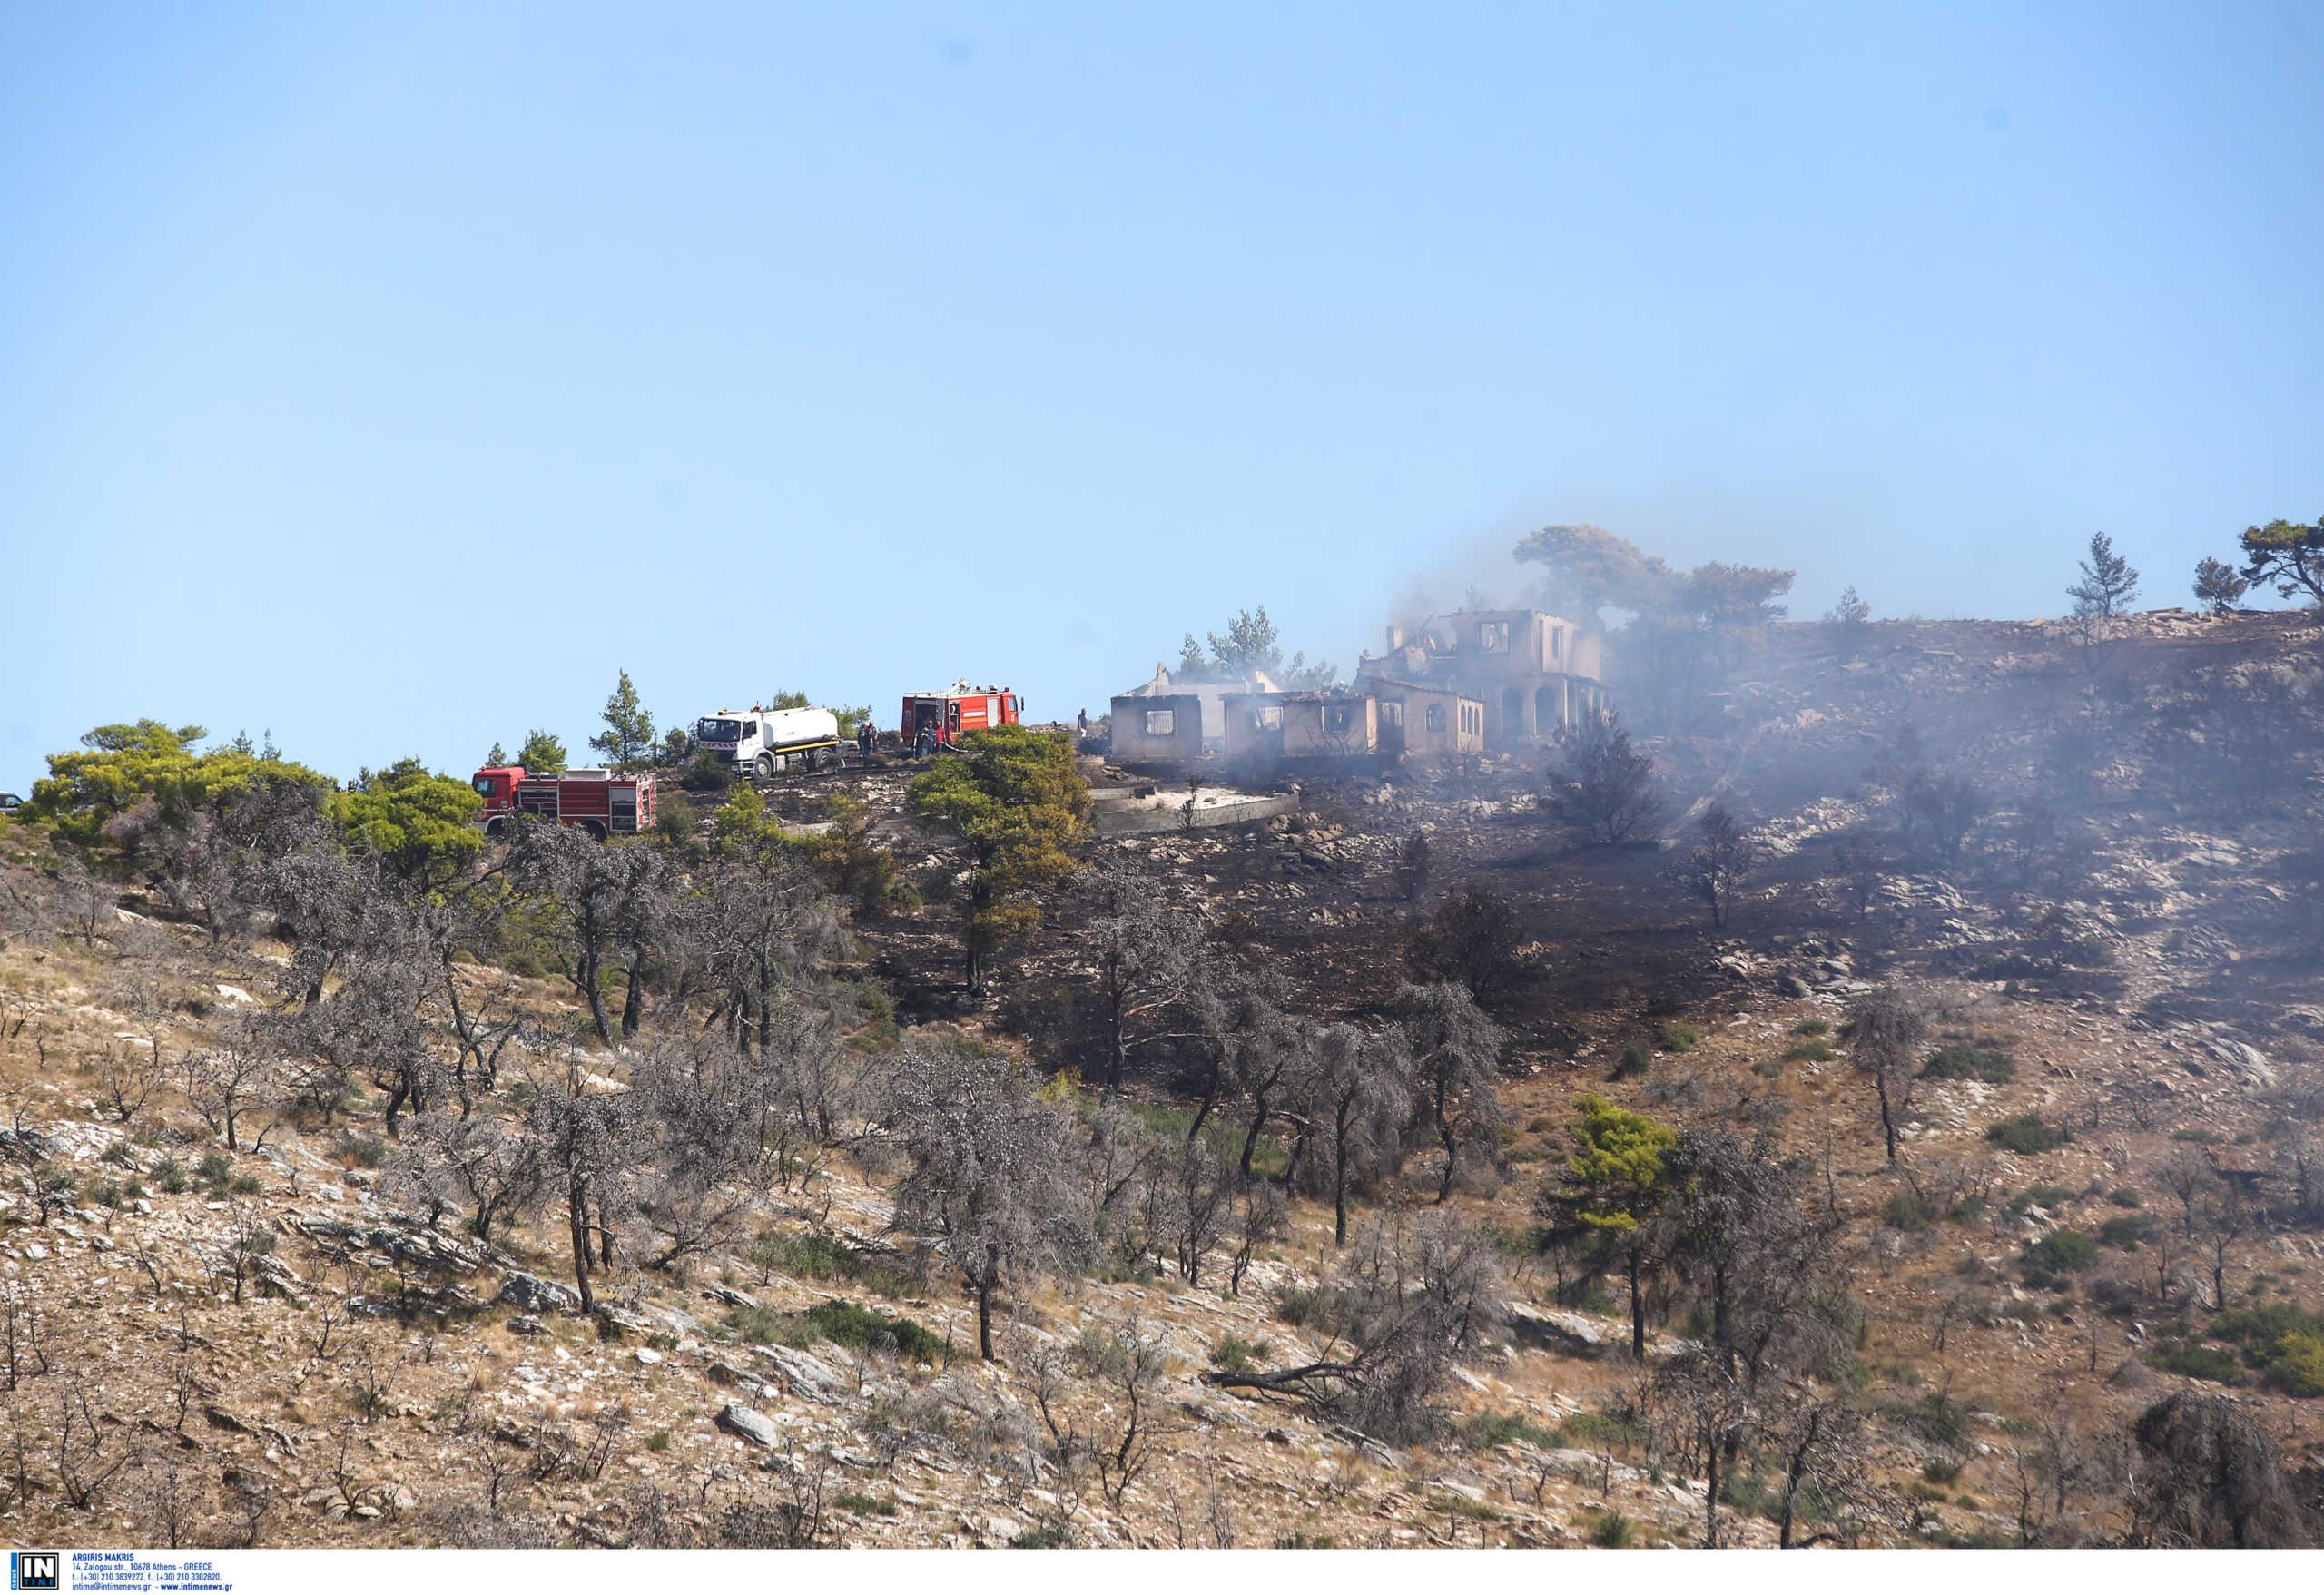 Υπό έλεγχο η μεγάλη φωτιά ανάμεσα σε Ραφήνα και Αρτέμιδα – Εκκενώθηκαν οικισμοί